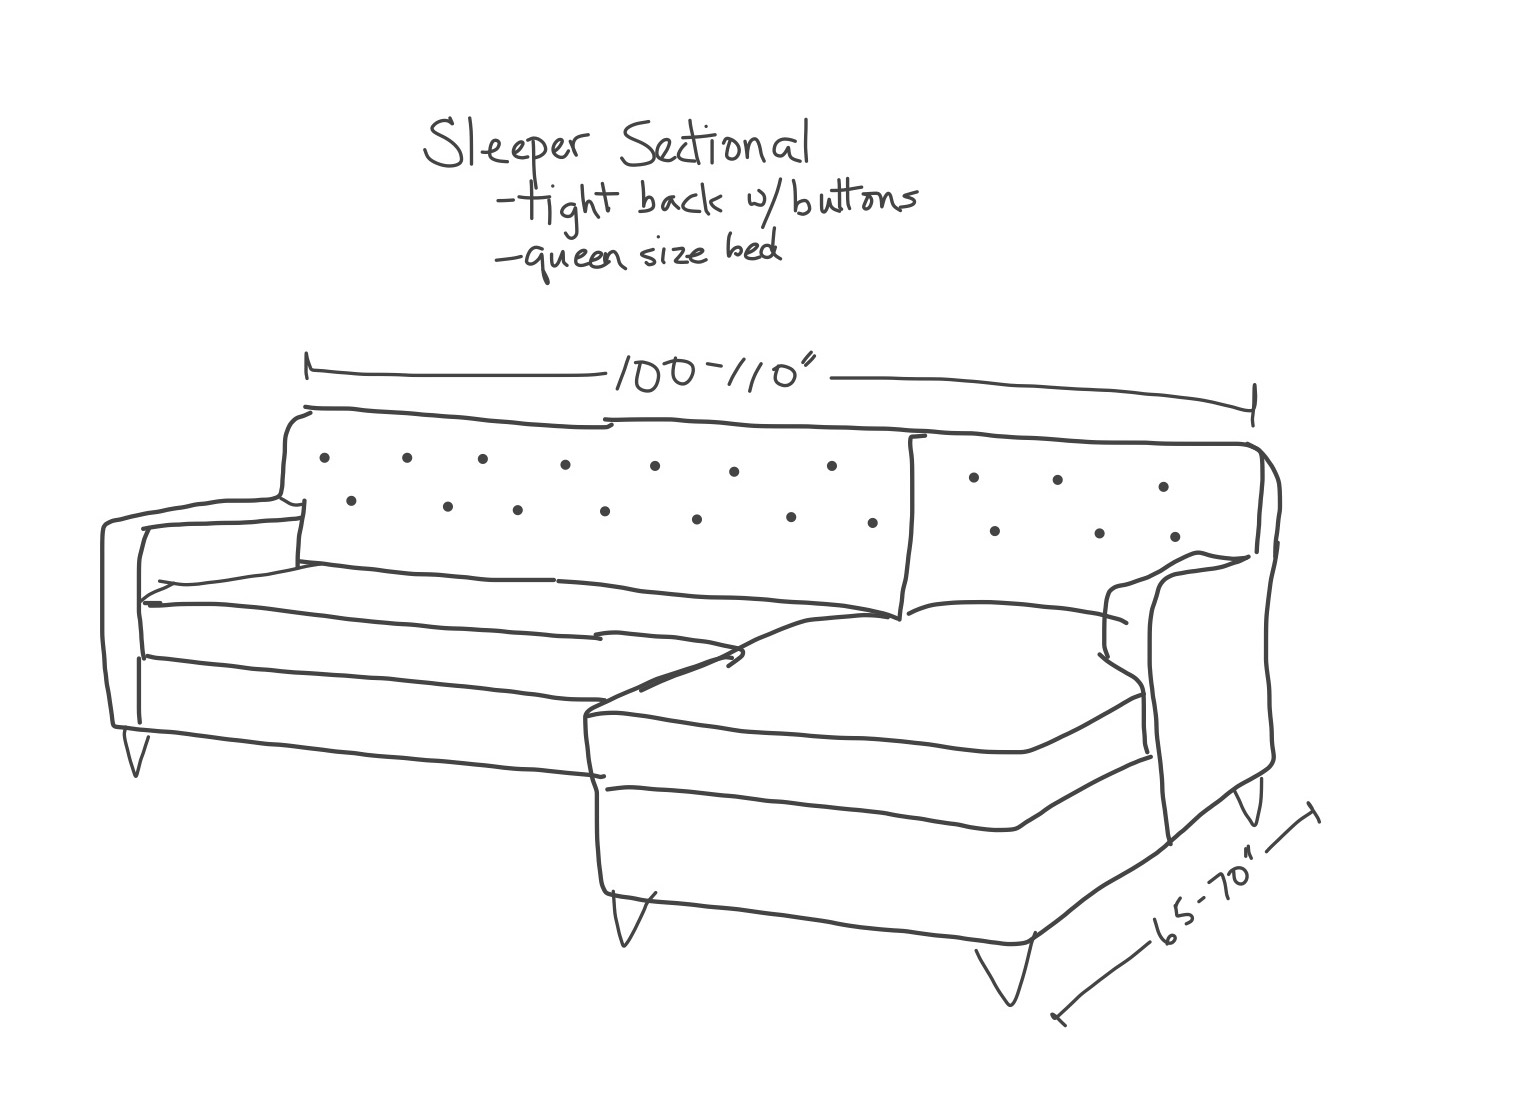 Sofa sketch for Sofa design sketch